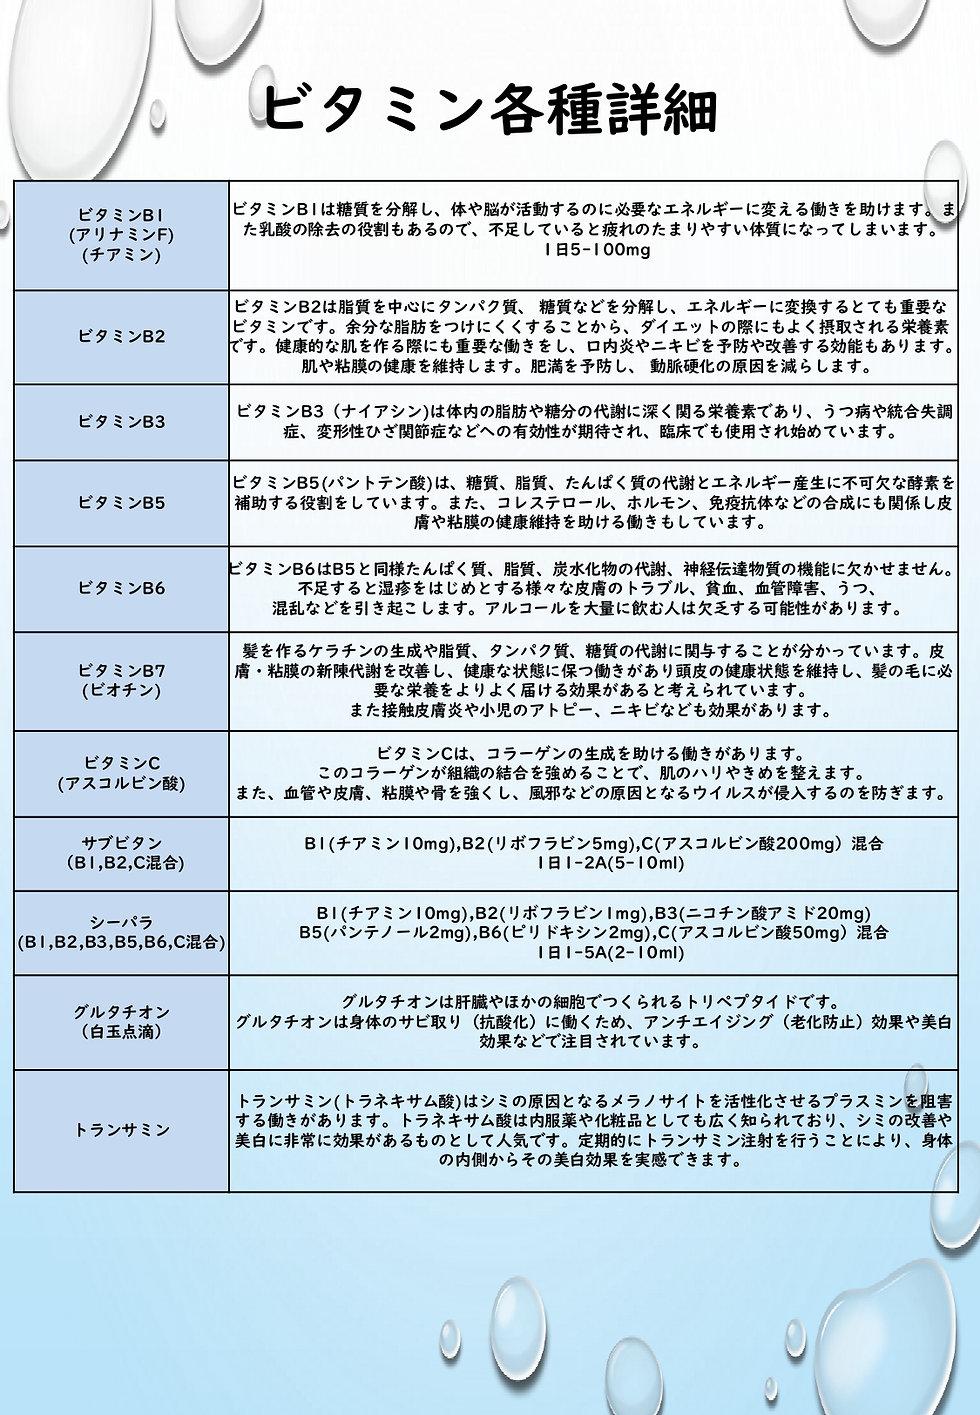 ビタミン剤(N)_page-0003.jpg